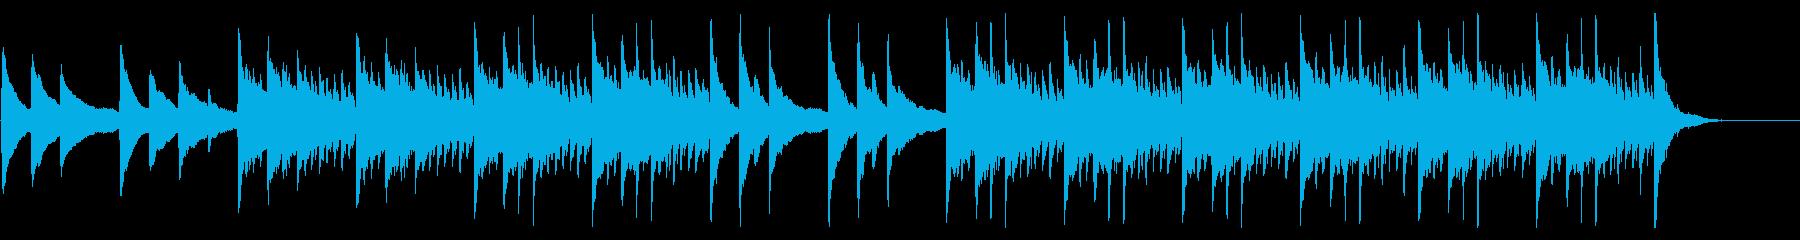 【ピアノのみ】シリアスなシネマティックの再生済みの波形